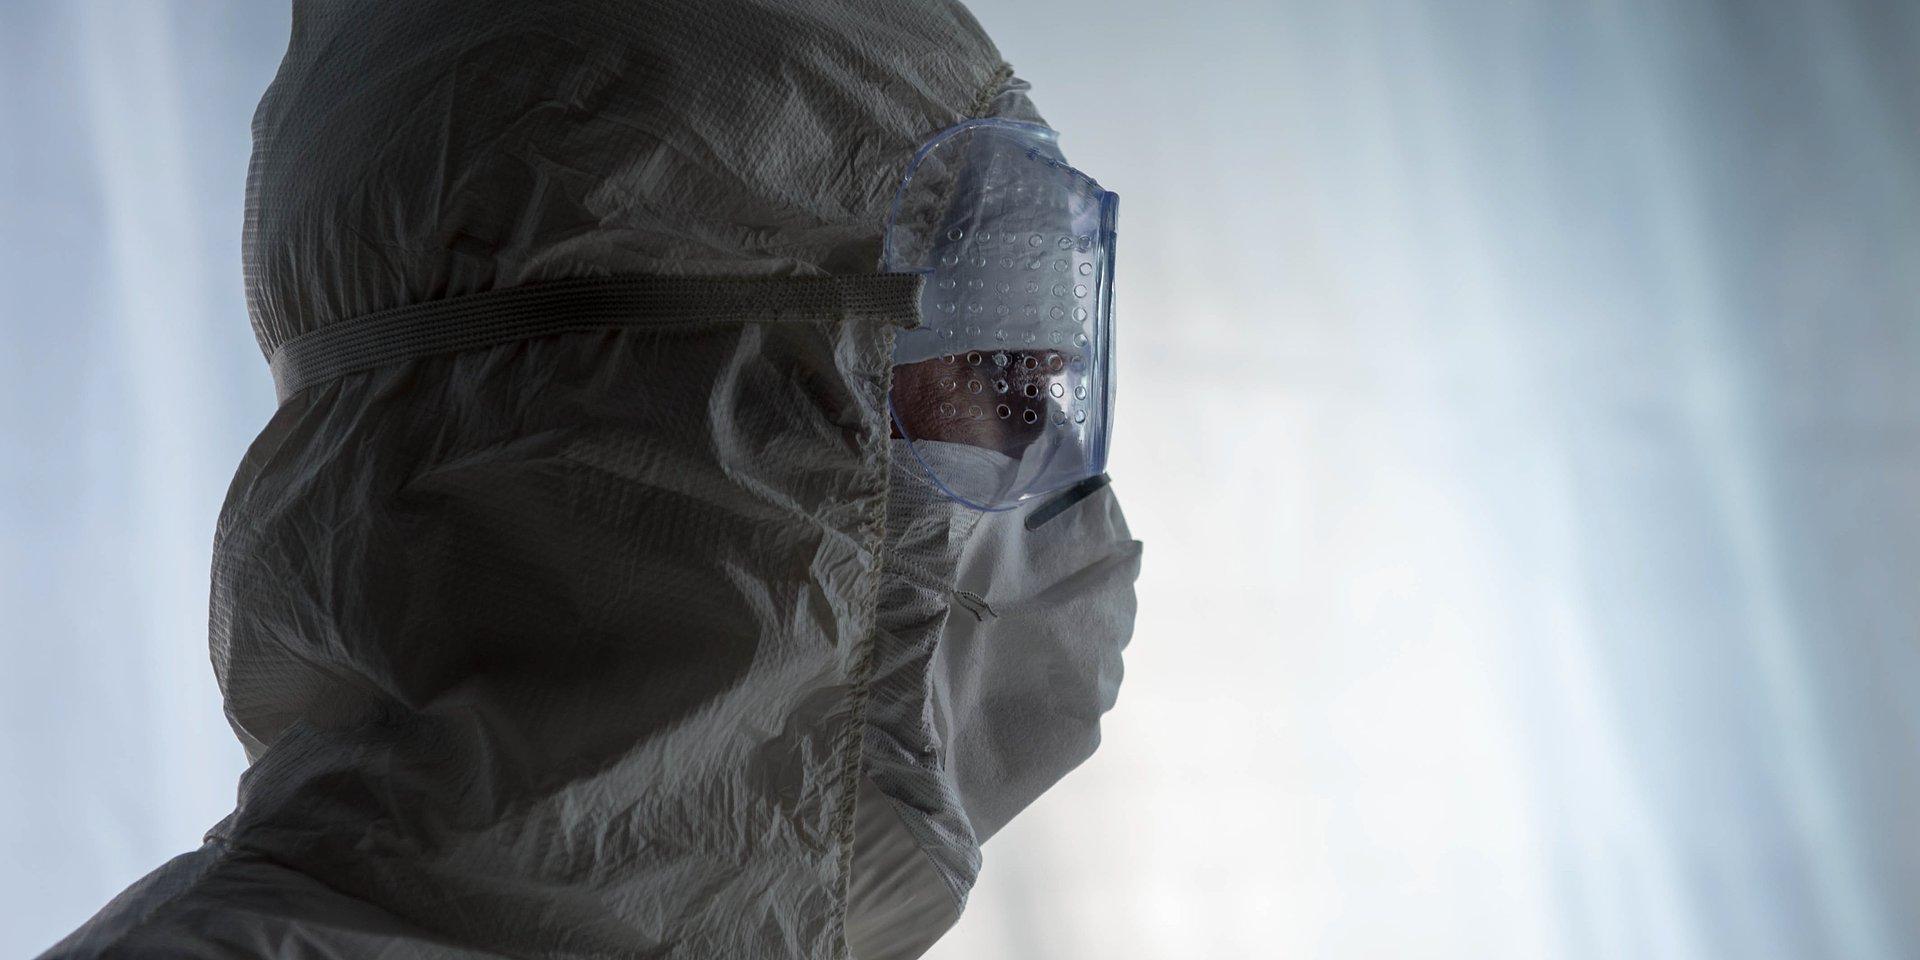 Nauka kontra wirusy - cykl dokumentów National Geographic poświęconych walce badaczy z wirusami